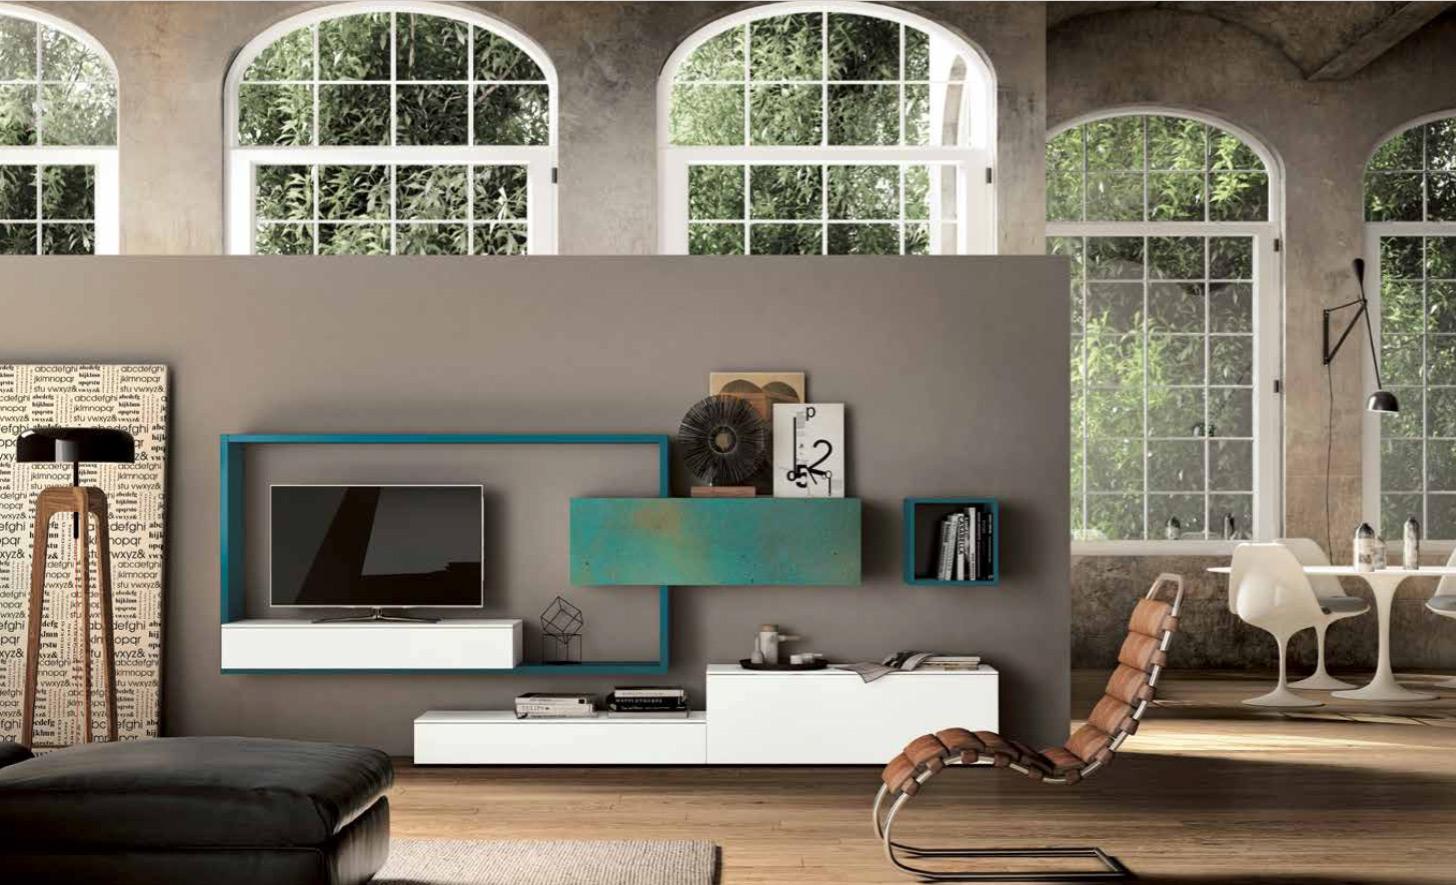 Gmk arredamenti srl camere e complementi di arredo for Complementi di arredo soggiorno